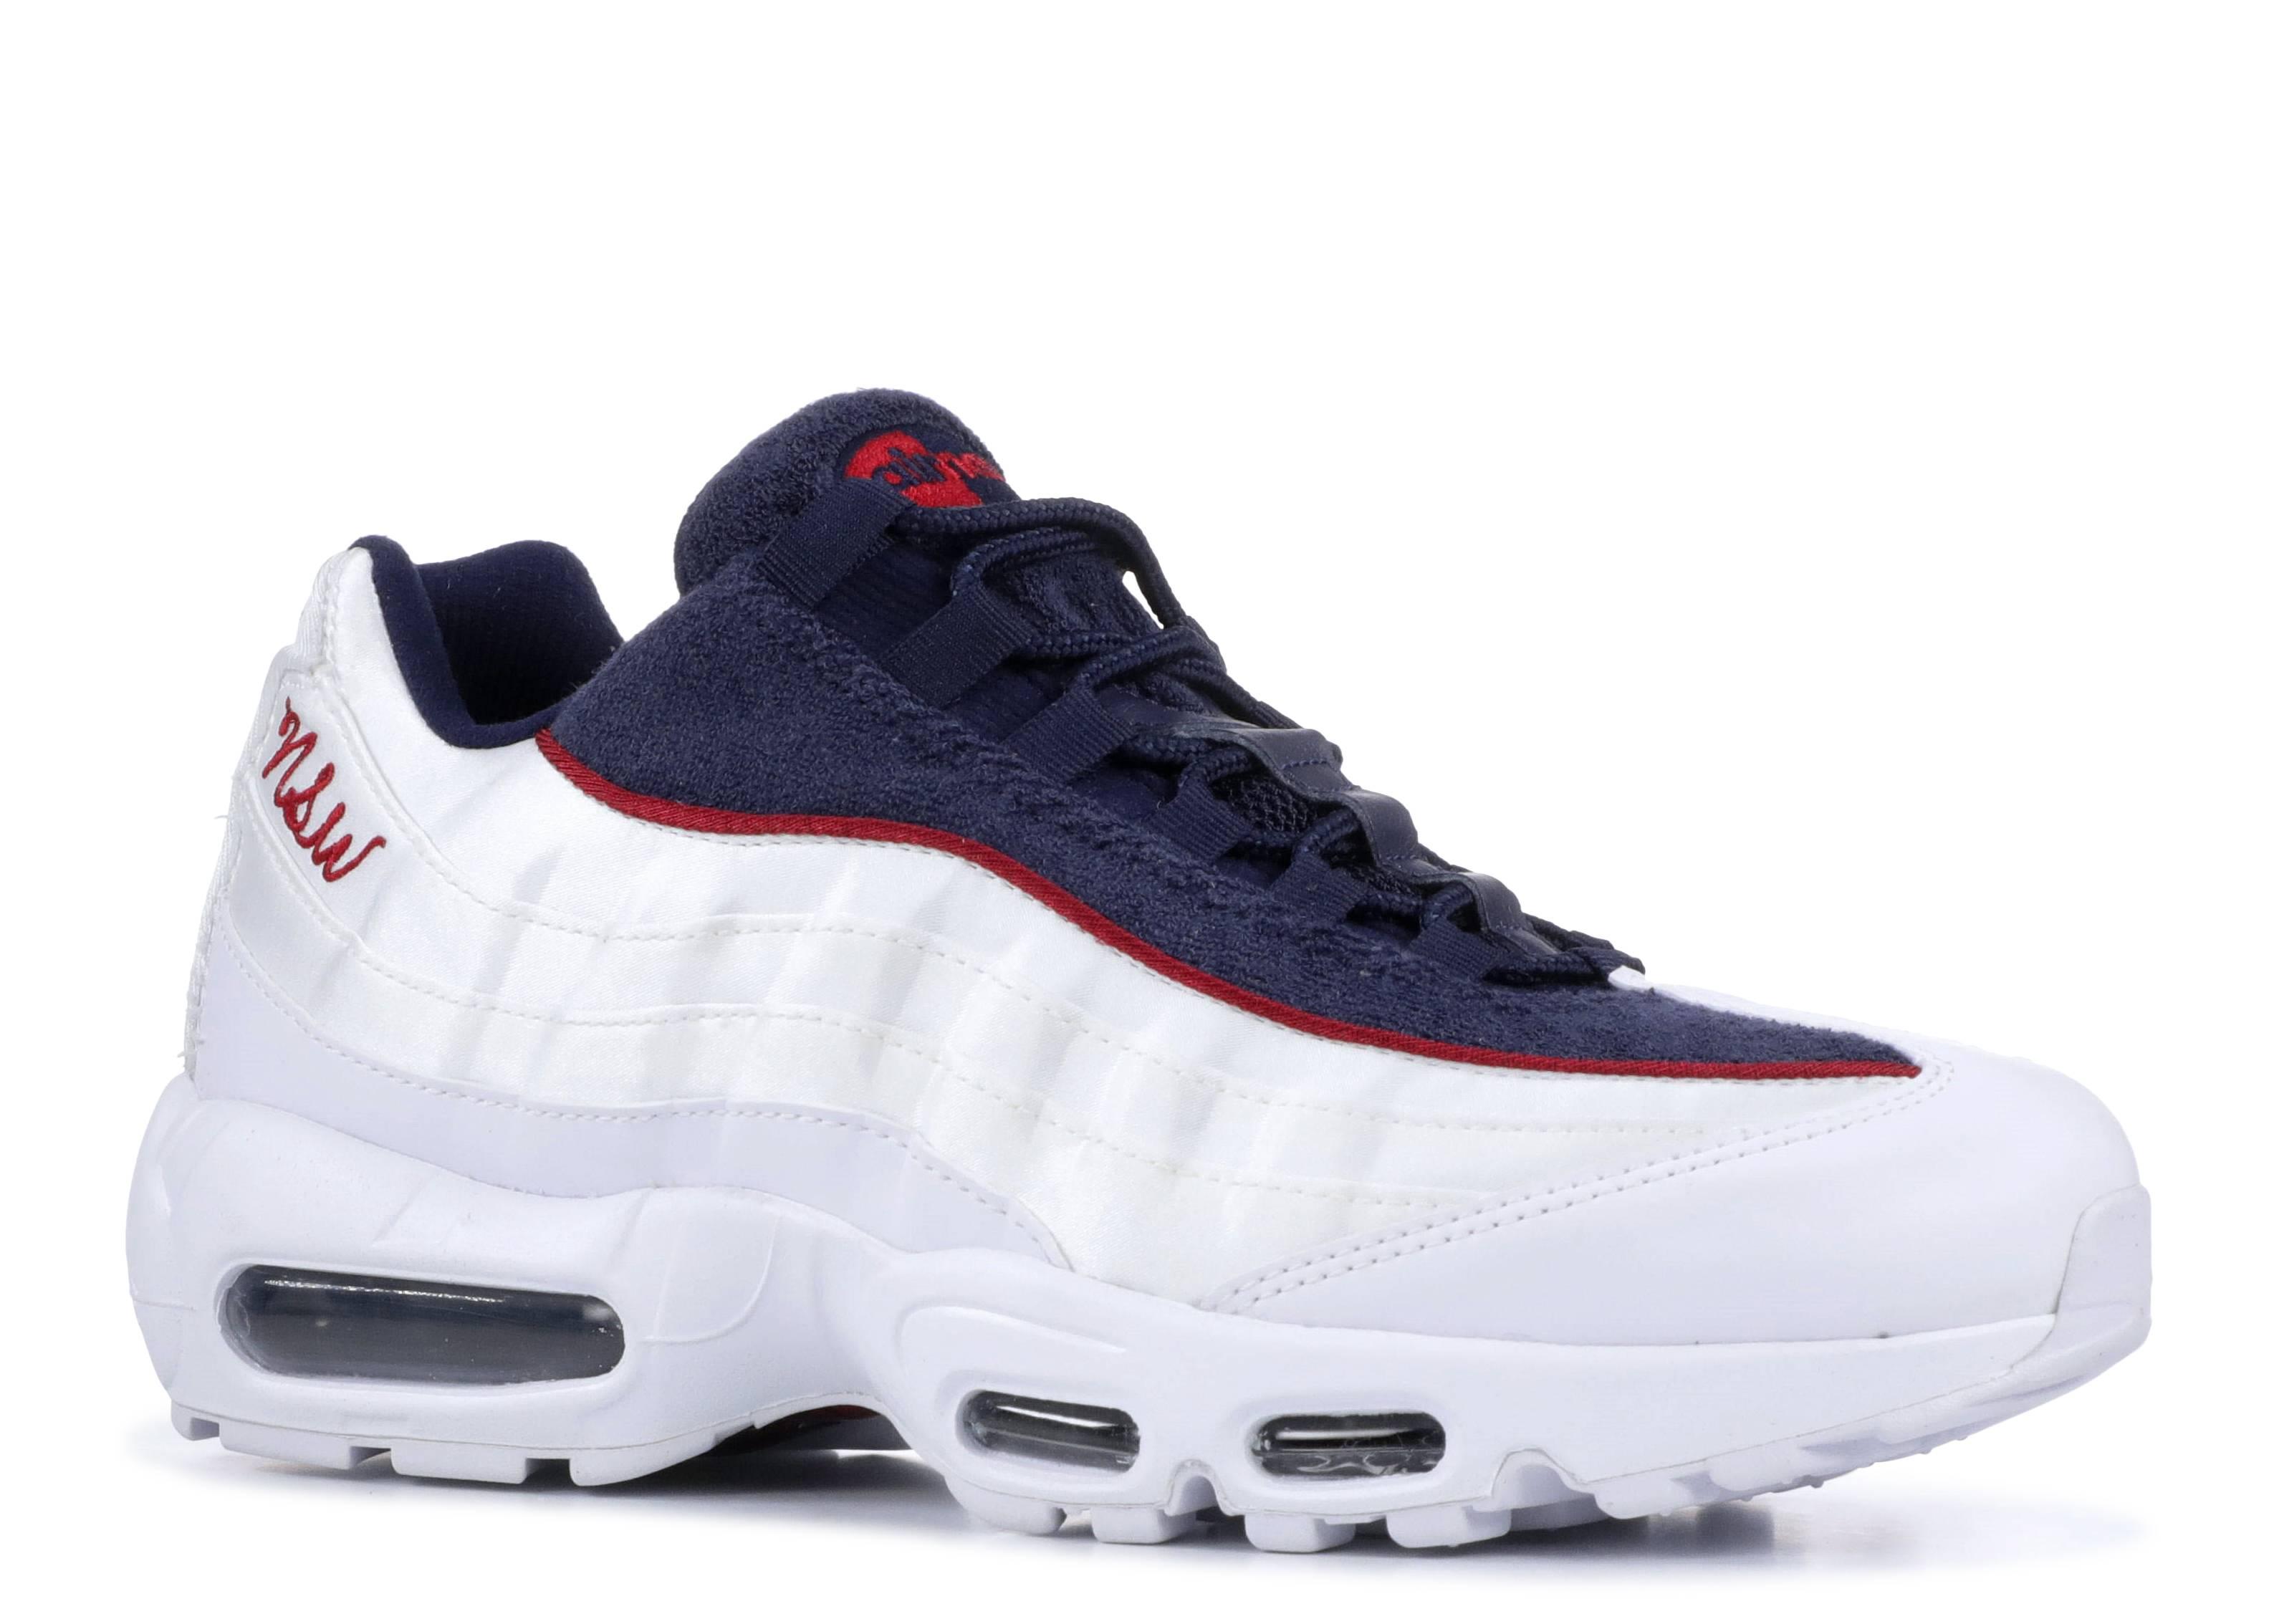 air max 95 red white blue